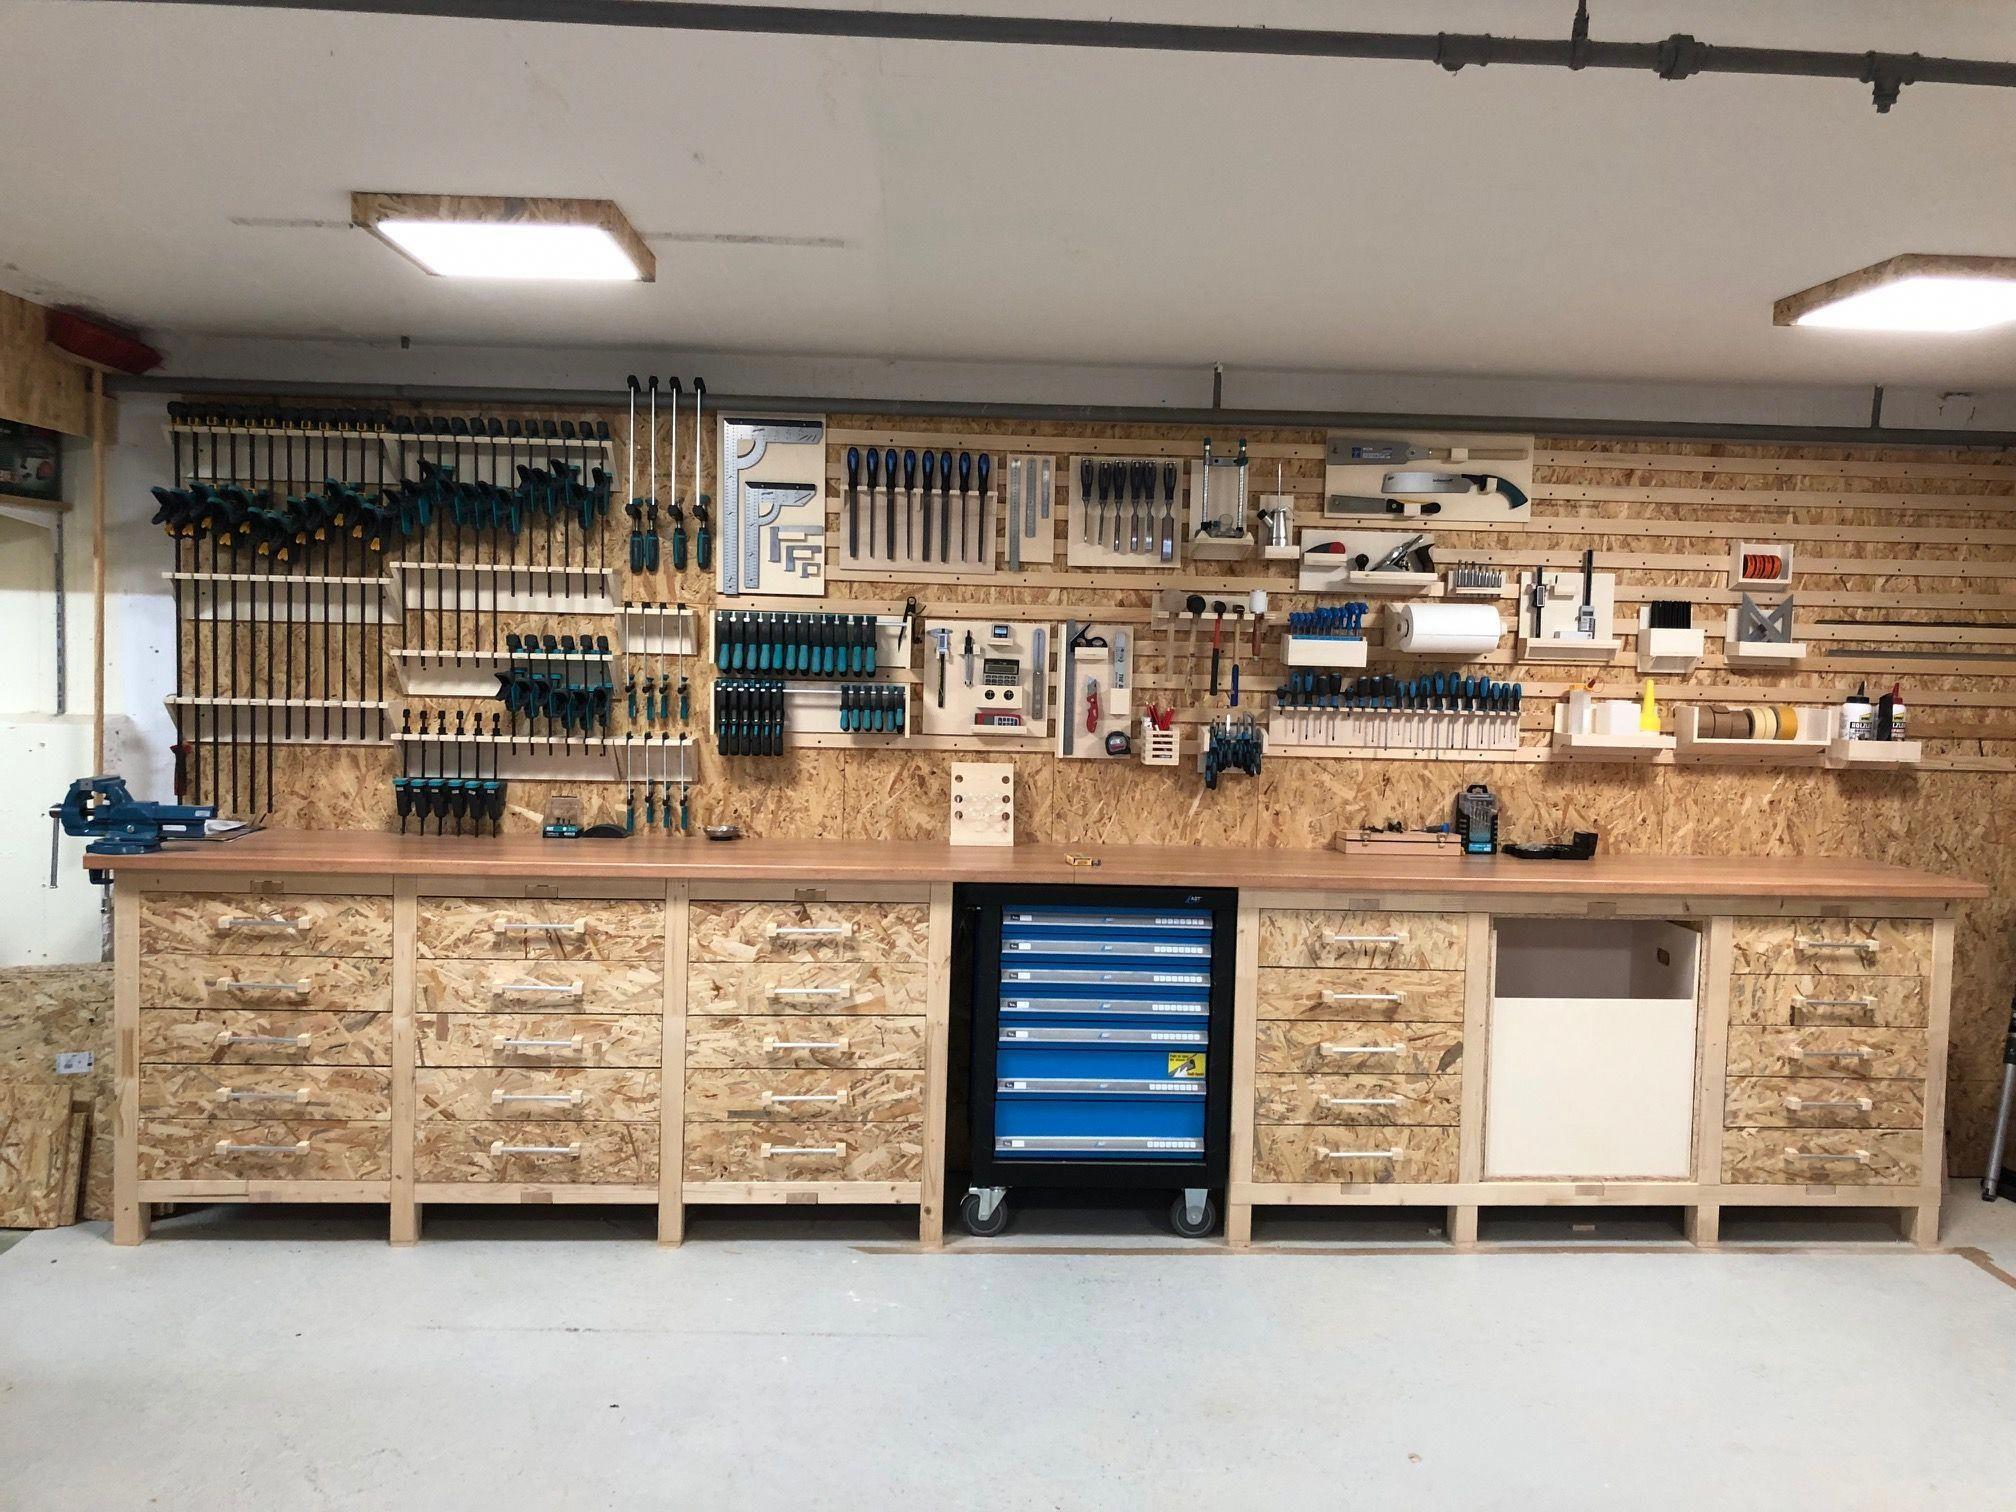 Werkstatt By Cosma Design Heimwerker Helden De Bricolagemaison Materielbricolage Bricolagefacile Bricol Rangement Garage Agencement Garage Rangement Atelier